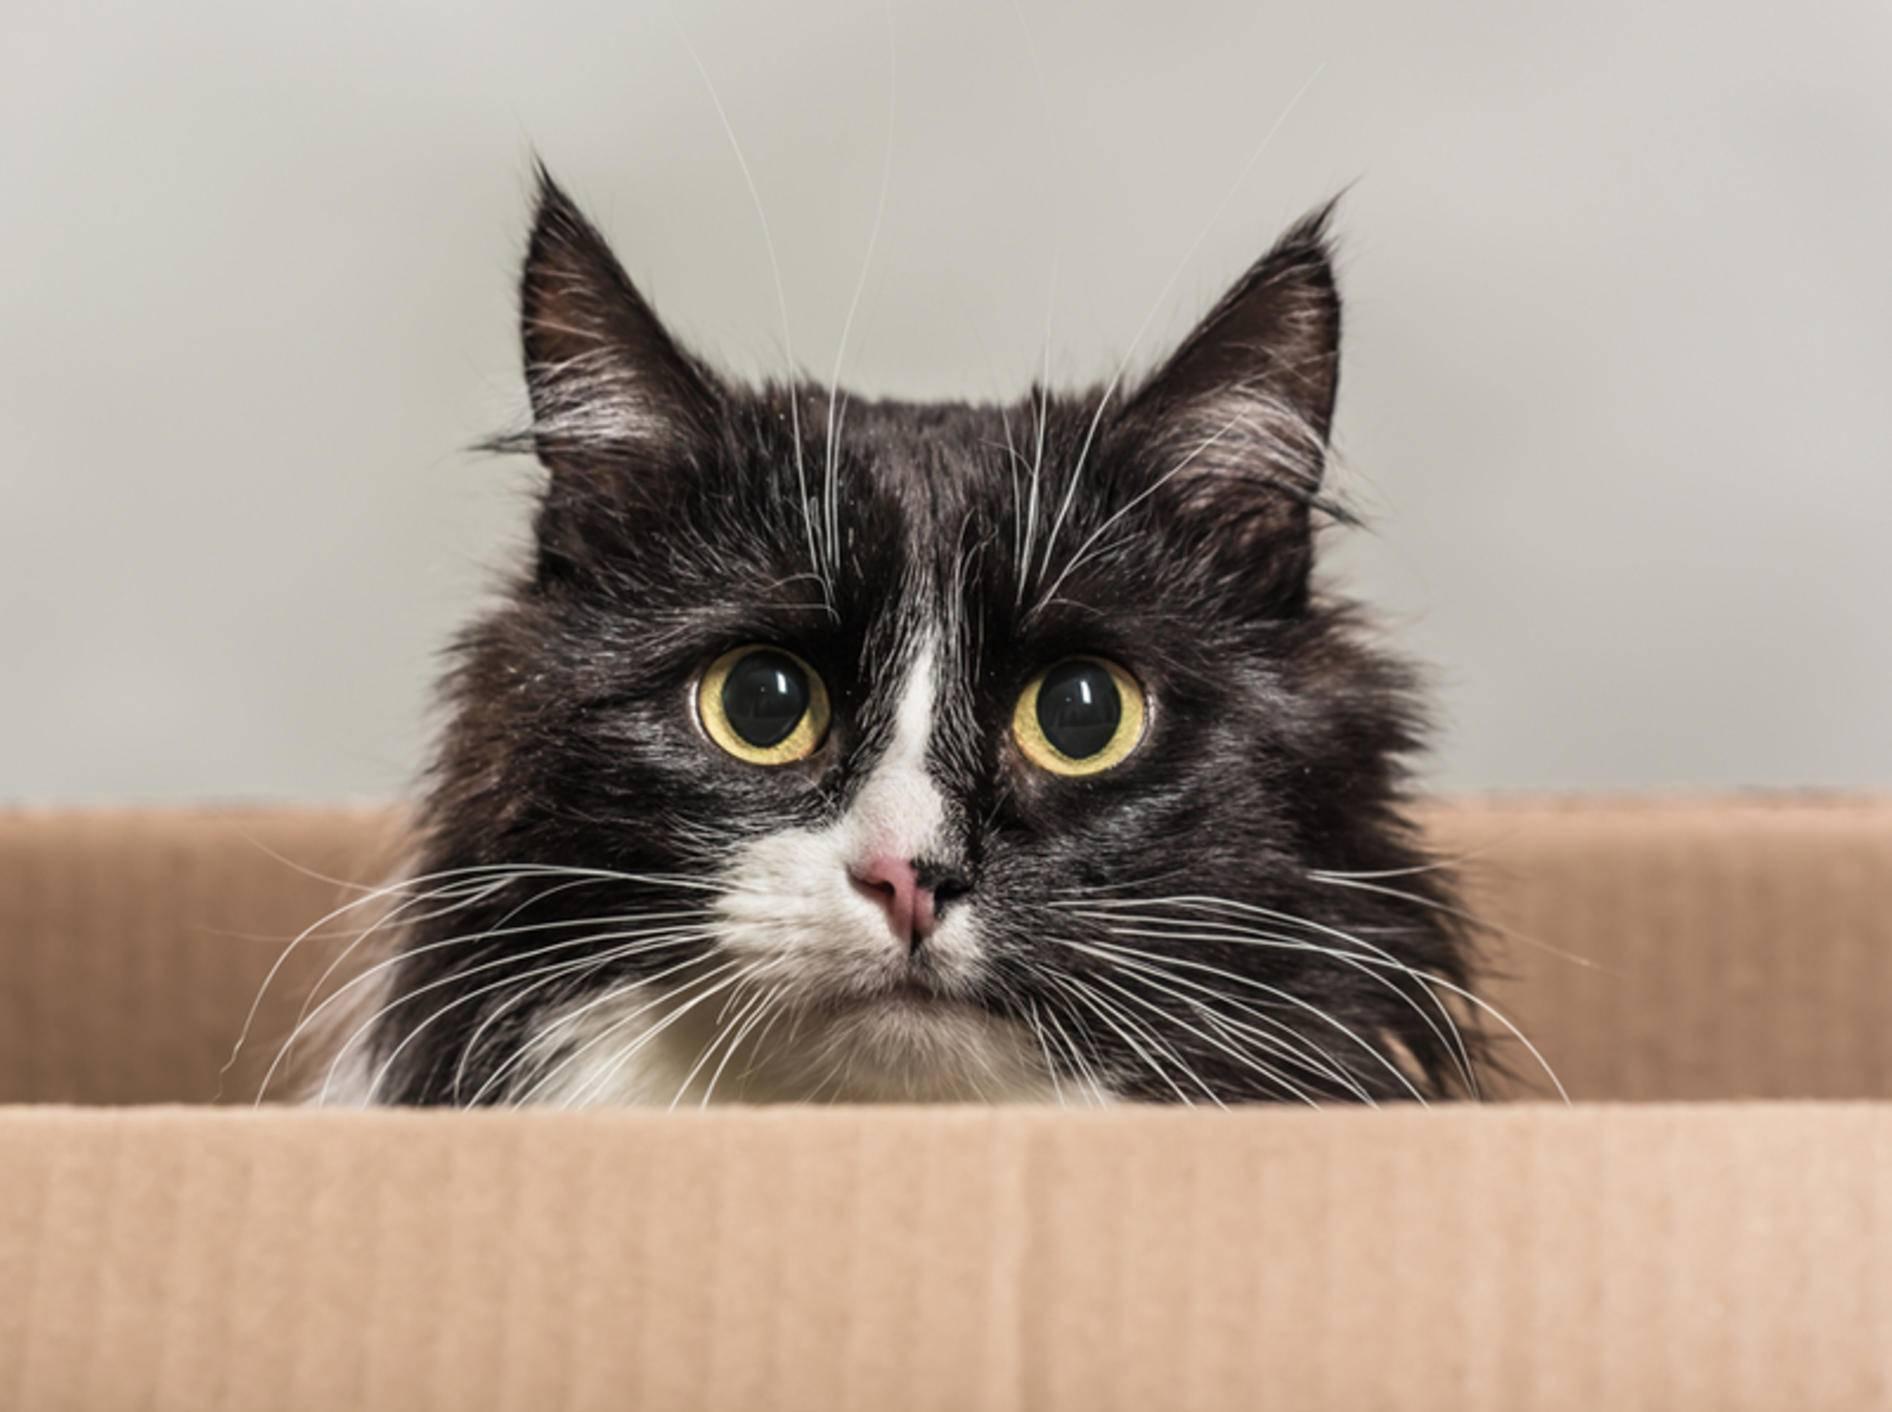 Um eine aggressive Katze einzufangen, brauchen Sie viel Geduld – Bild: Shutterstock / Vikulin